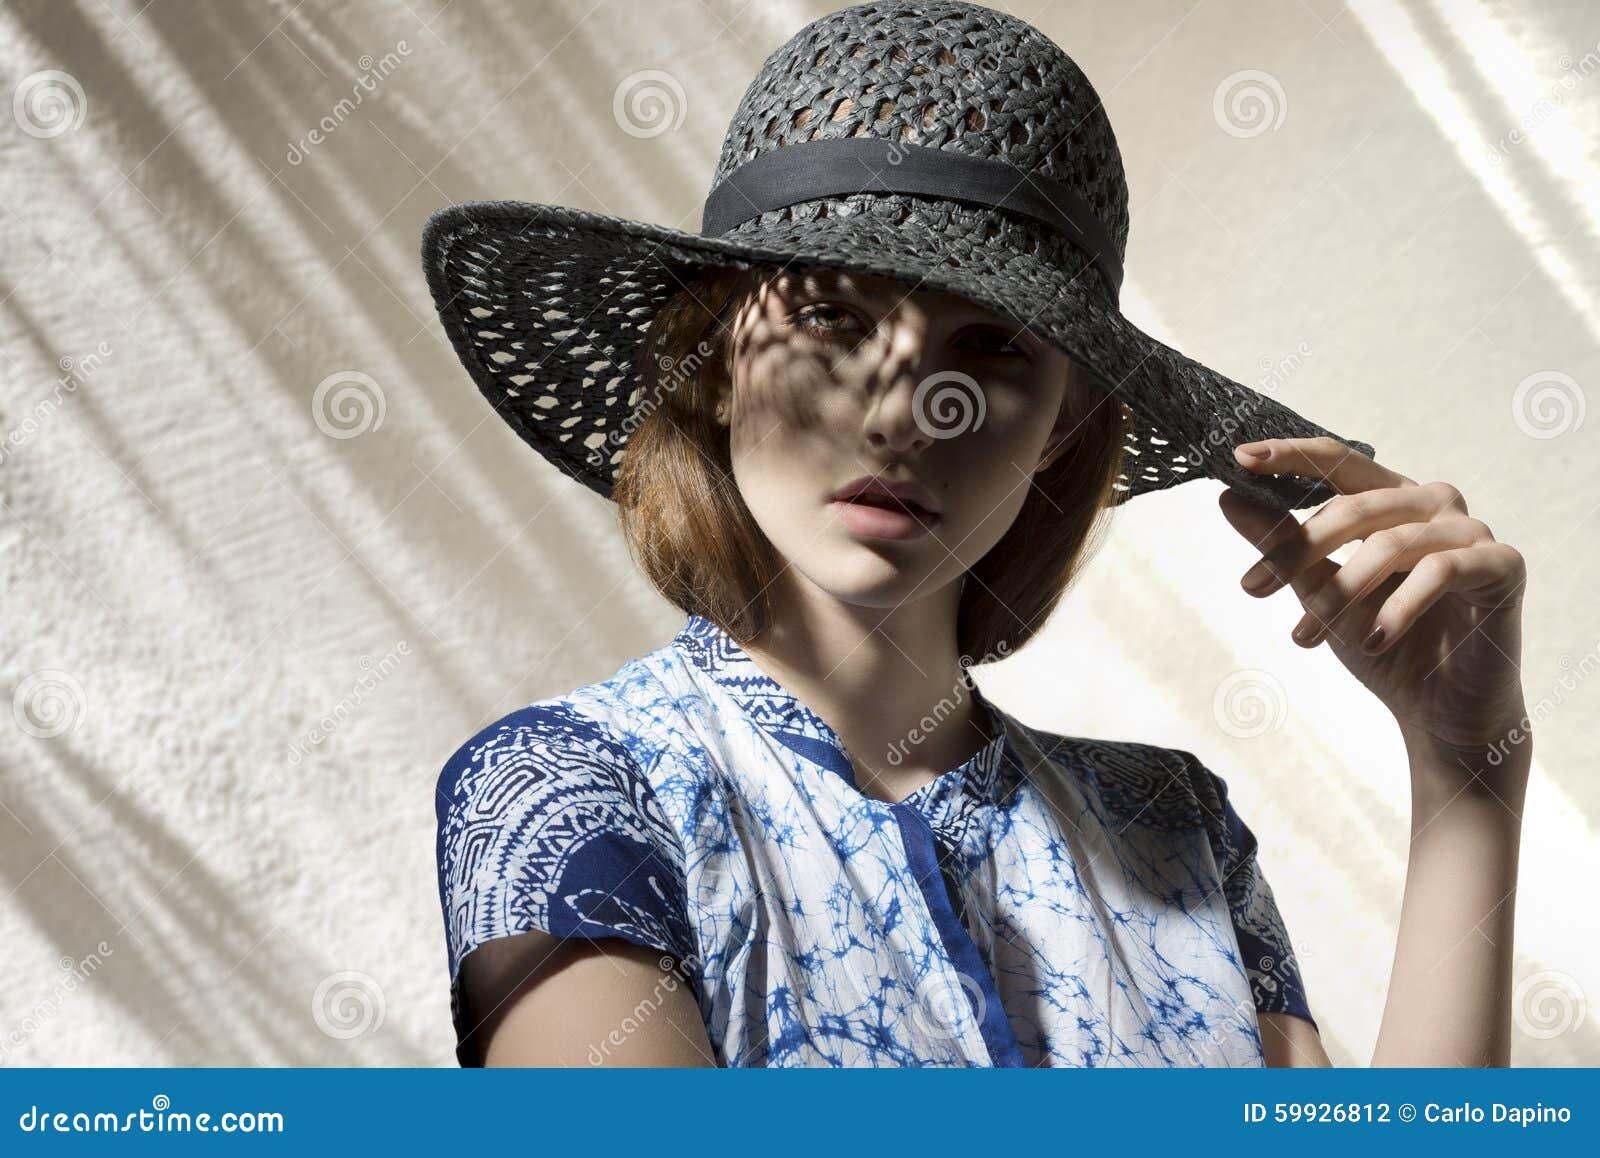 Сногсшибательная девушка с шляпой